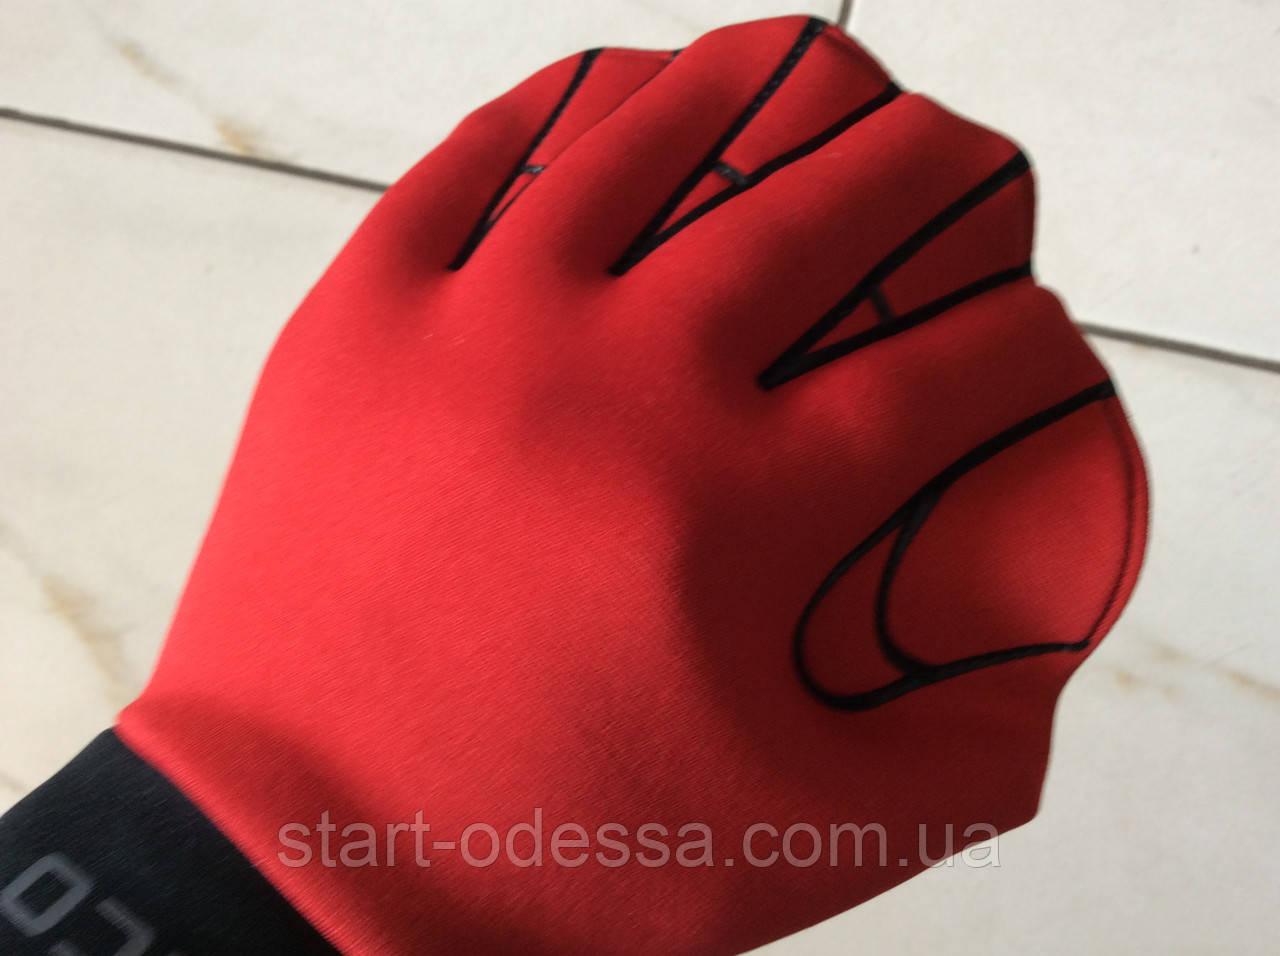 Перчатки для аквафитнеса ВЕКО (Германия) р.М красные (манжет на липучке) - интернет-магазин спортивных товаров, активные игровые виды спорта, настольные игры в Одессе